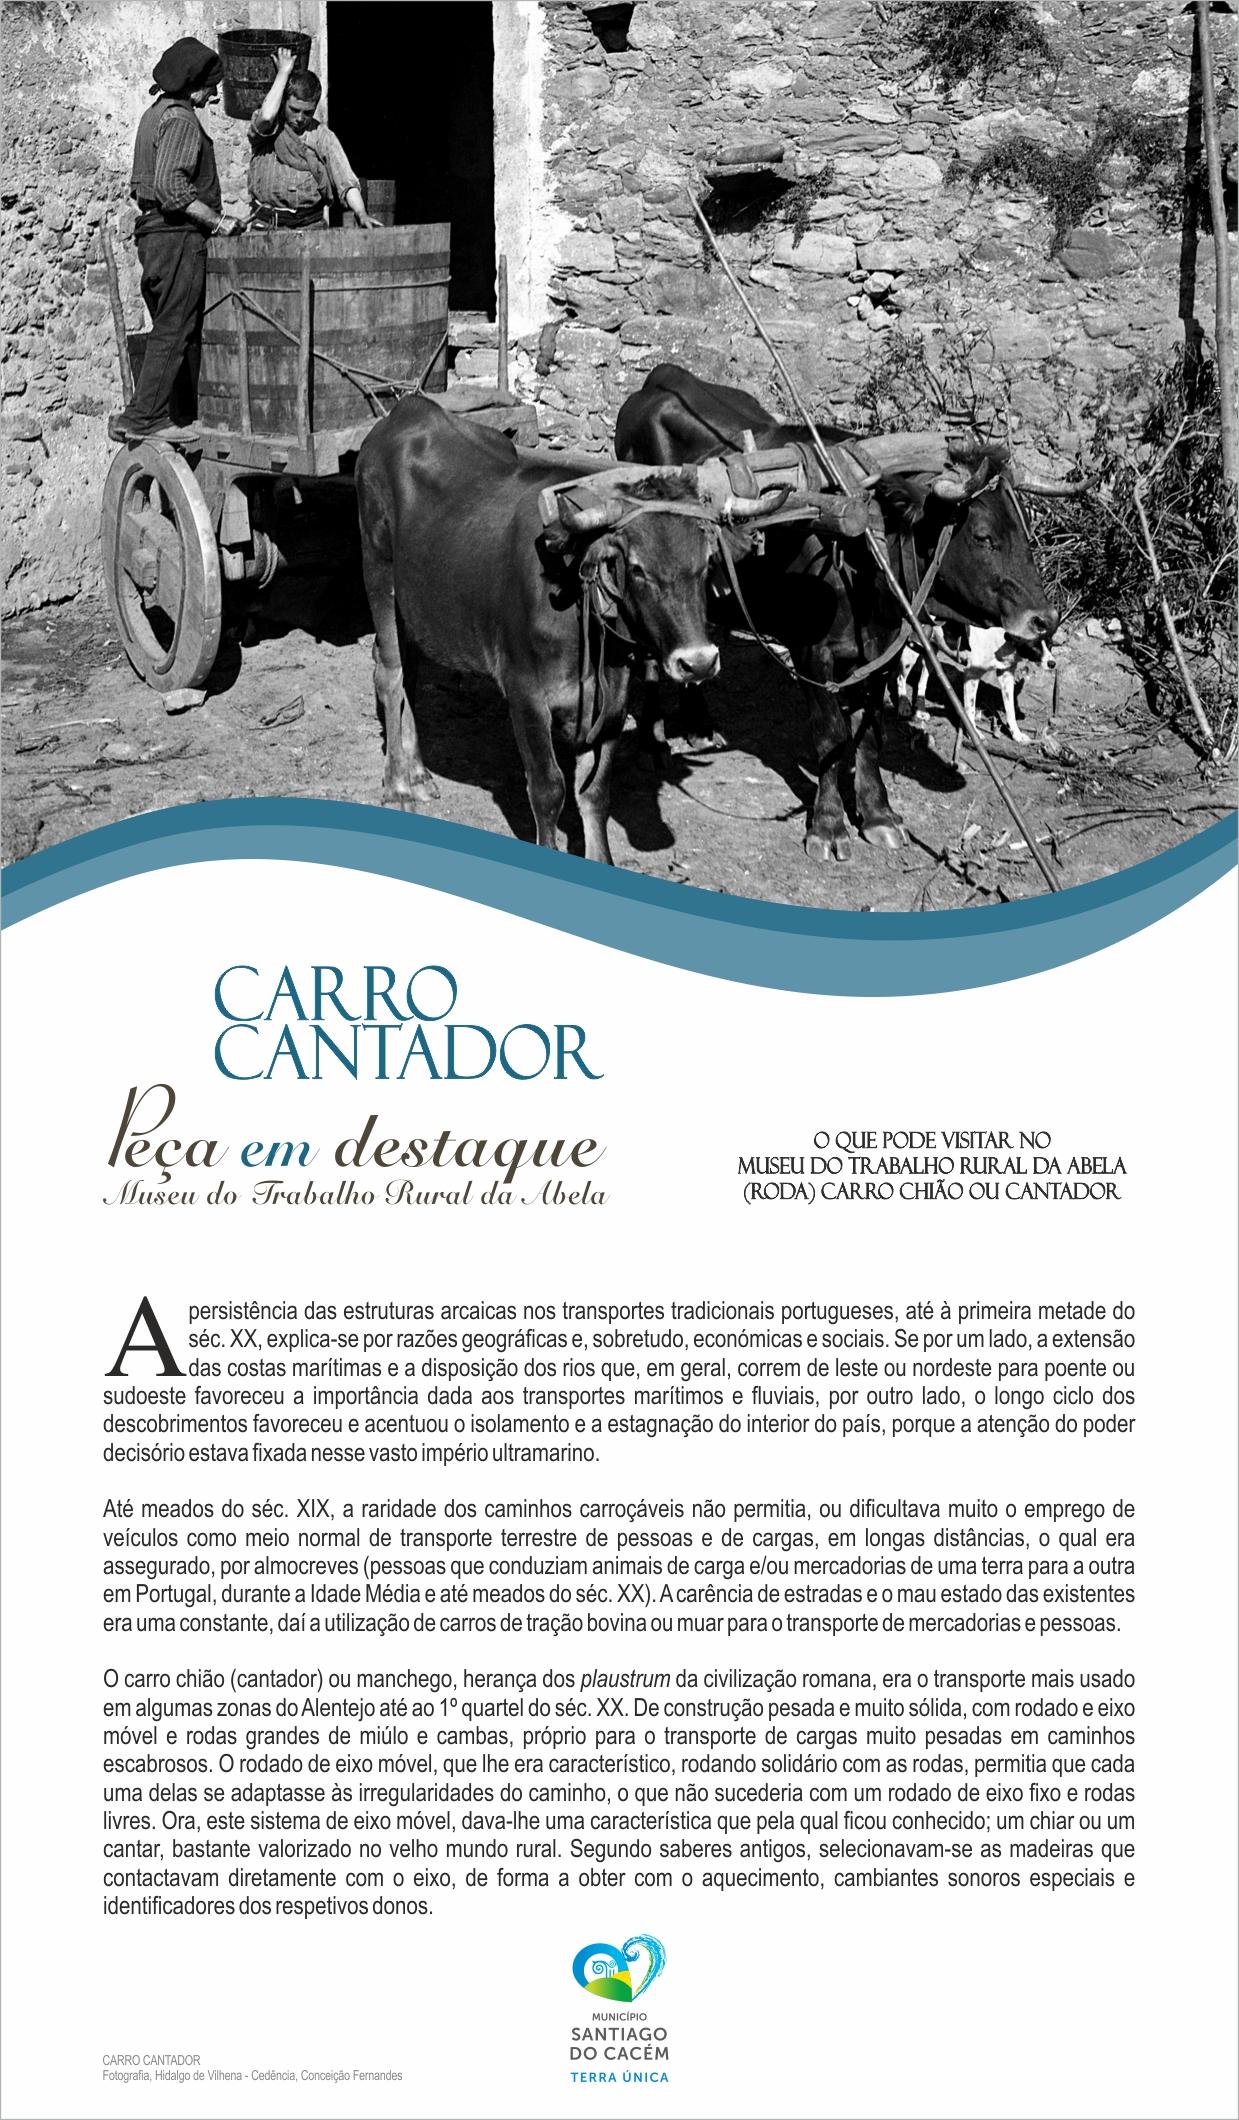 Carro Cantador